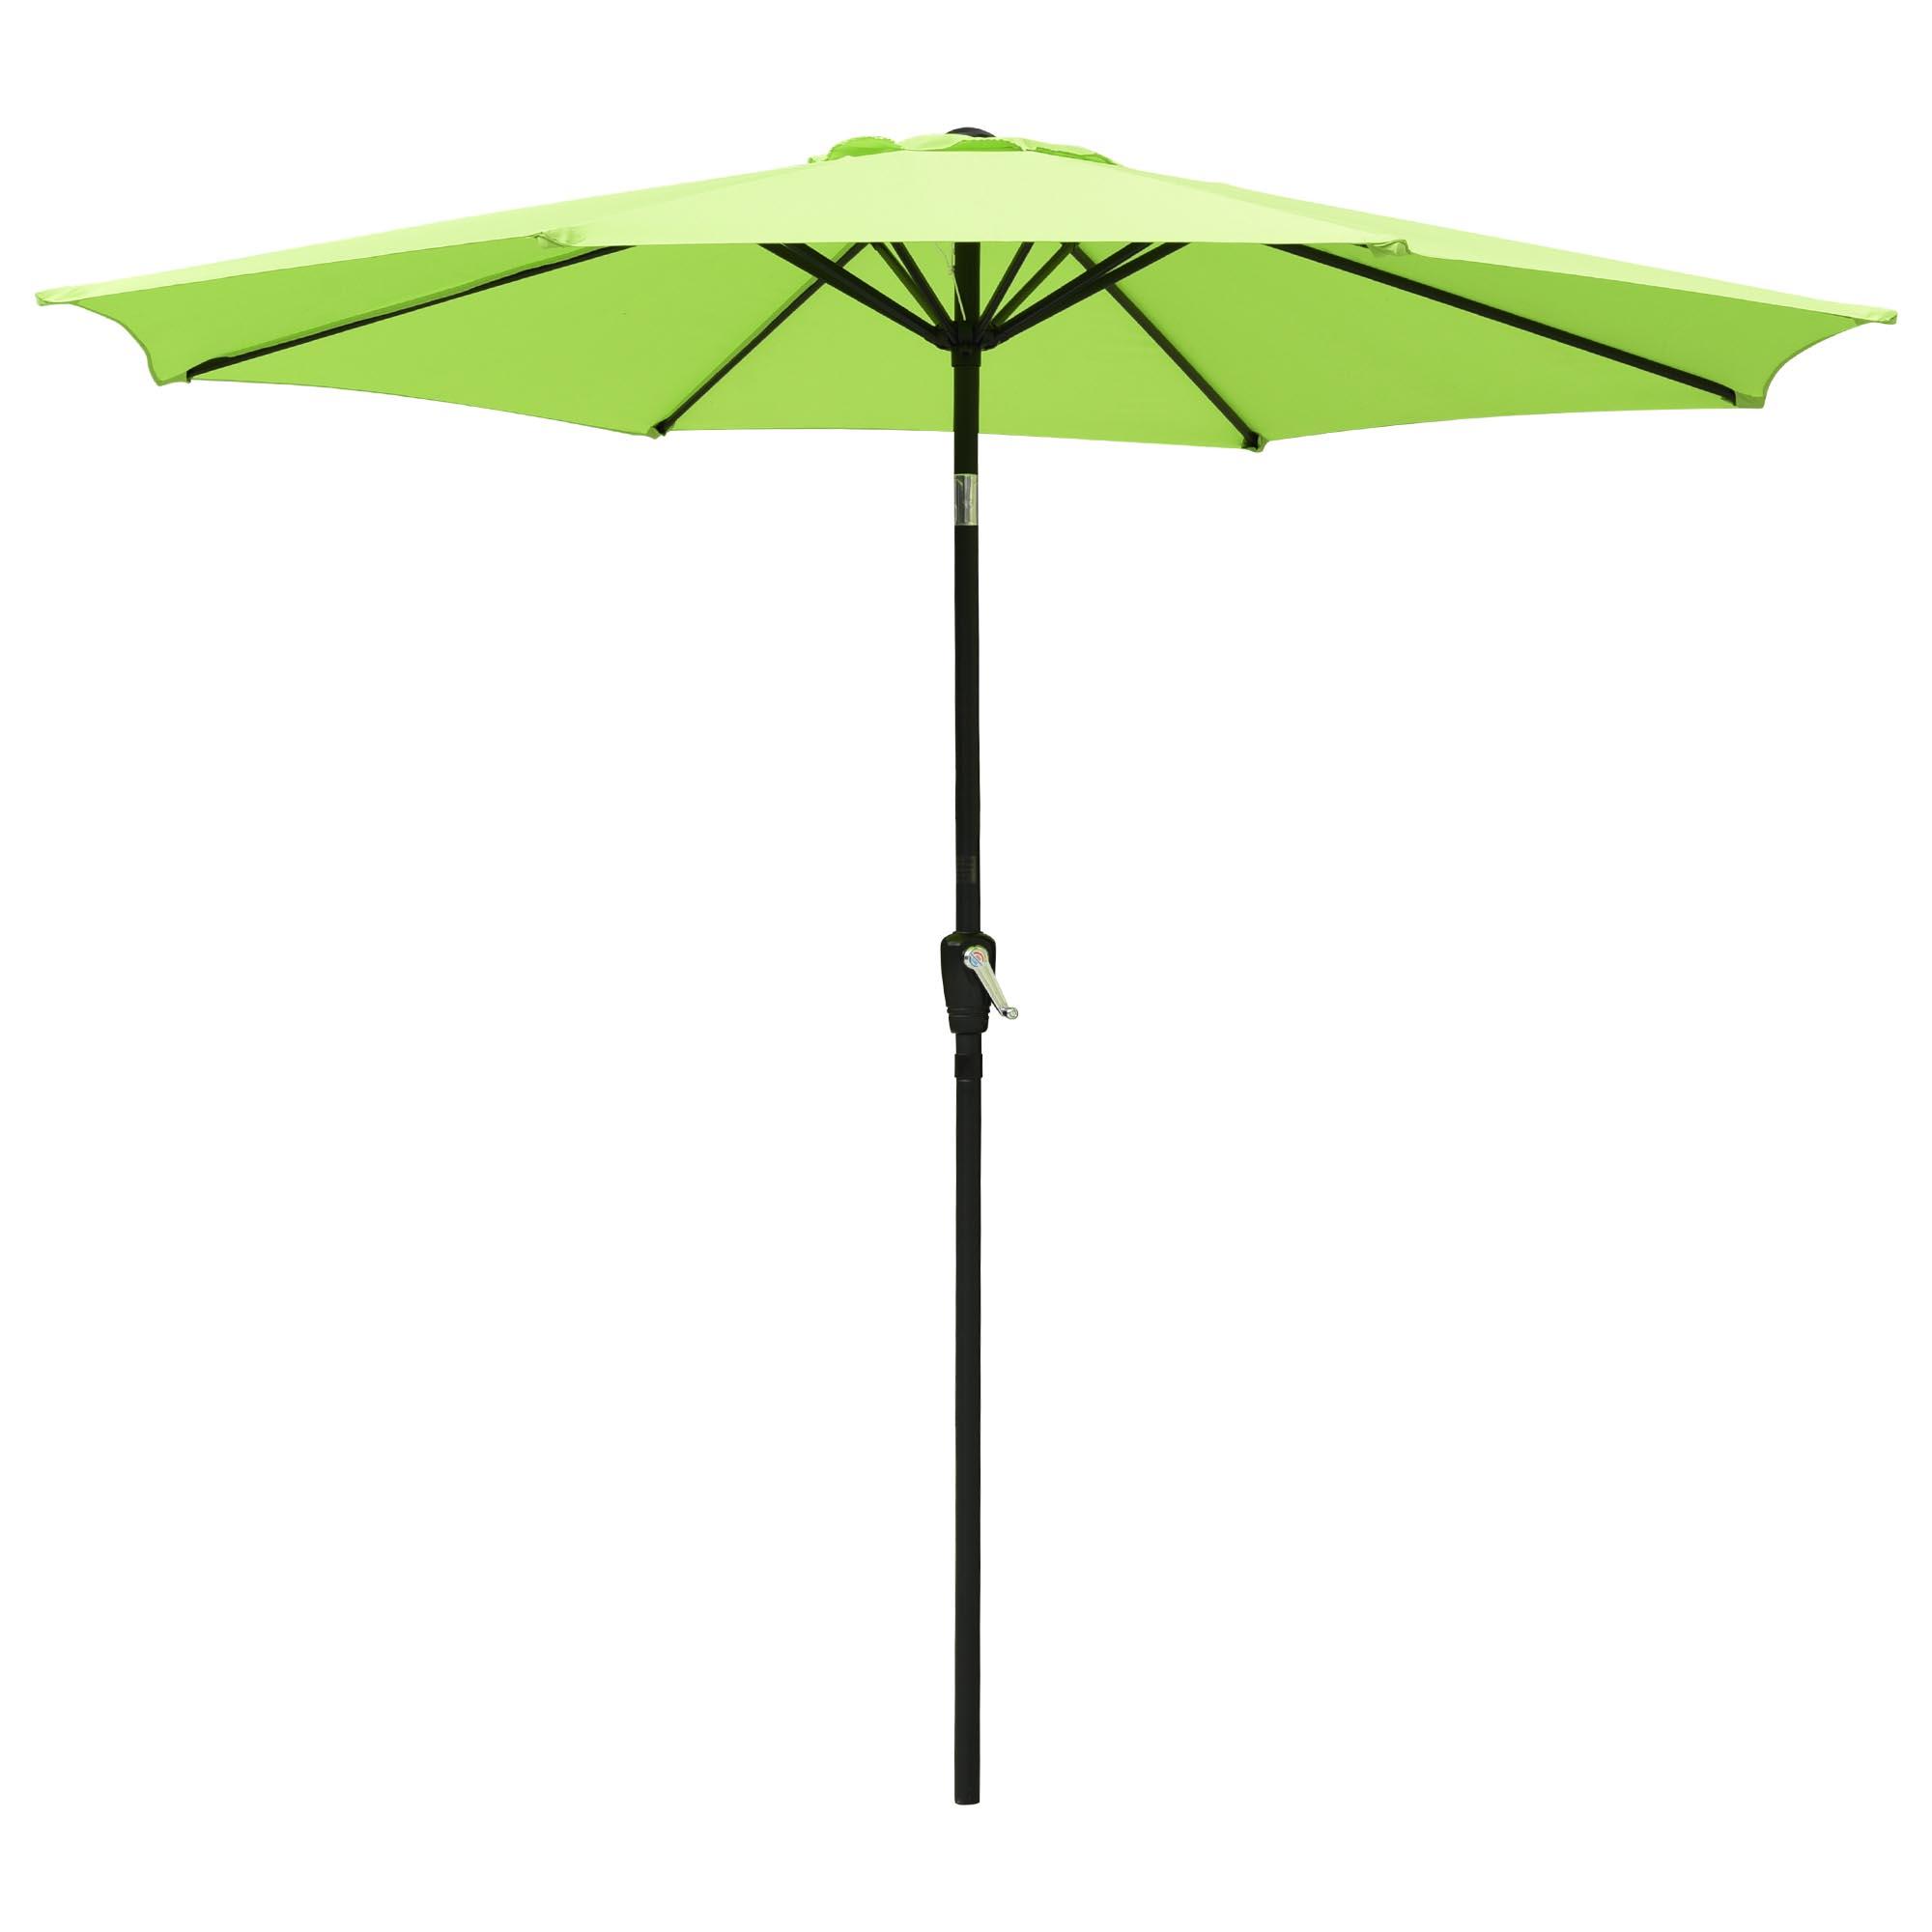 thumbnail 19 - 9' Outdoor Umbrella Patio 8 Ribs Market Garden Crank Tilt Beach Sunshade Parasol